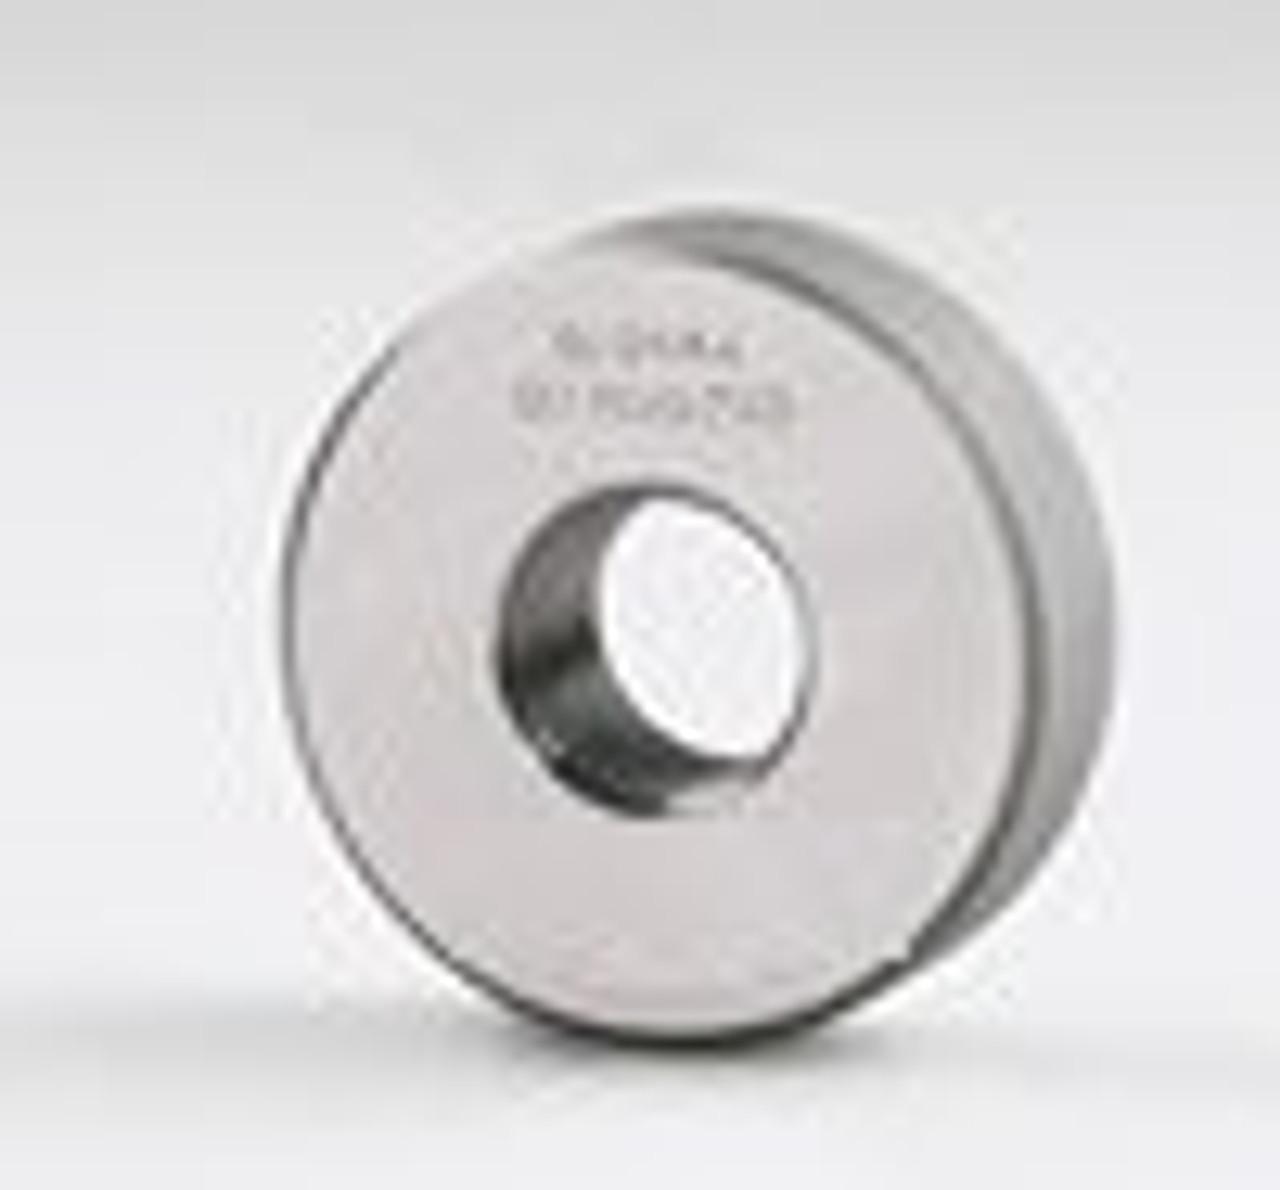 """BSF 1-1/4"""" - 9 GO Thread Ring Gauge - (BSF1-1/4RG-GO)"""